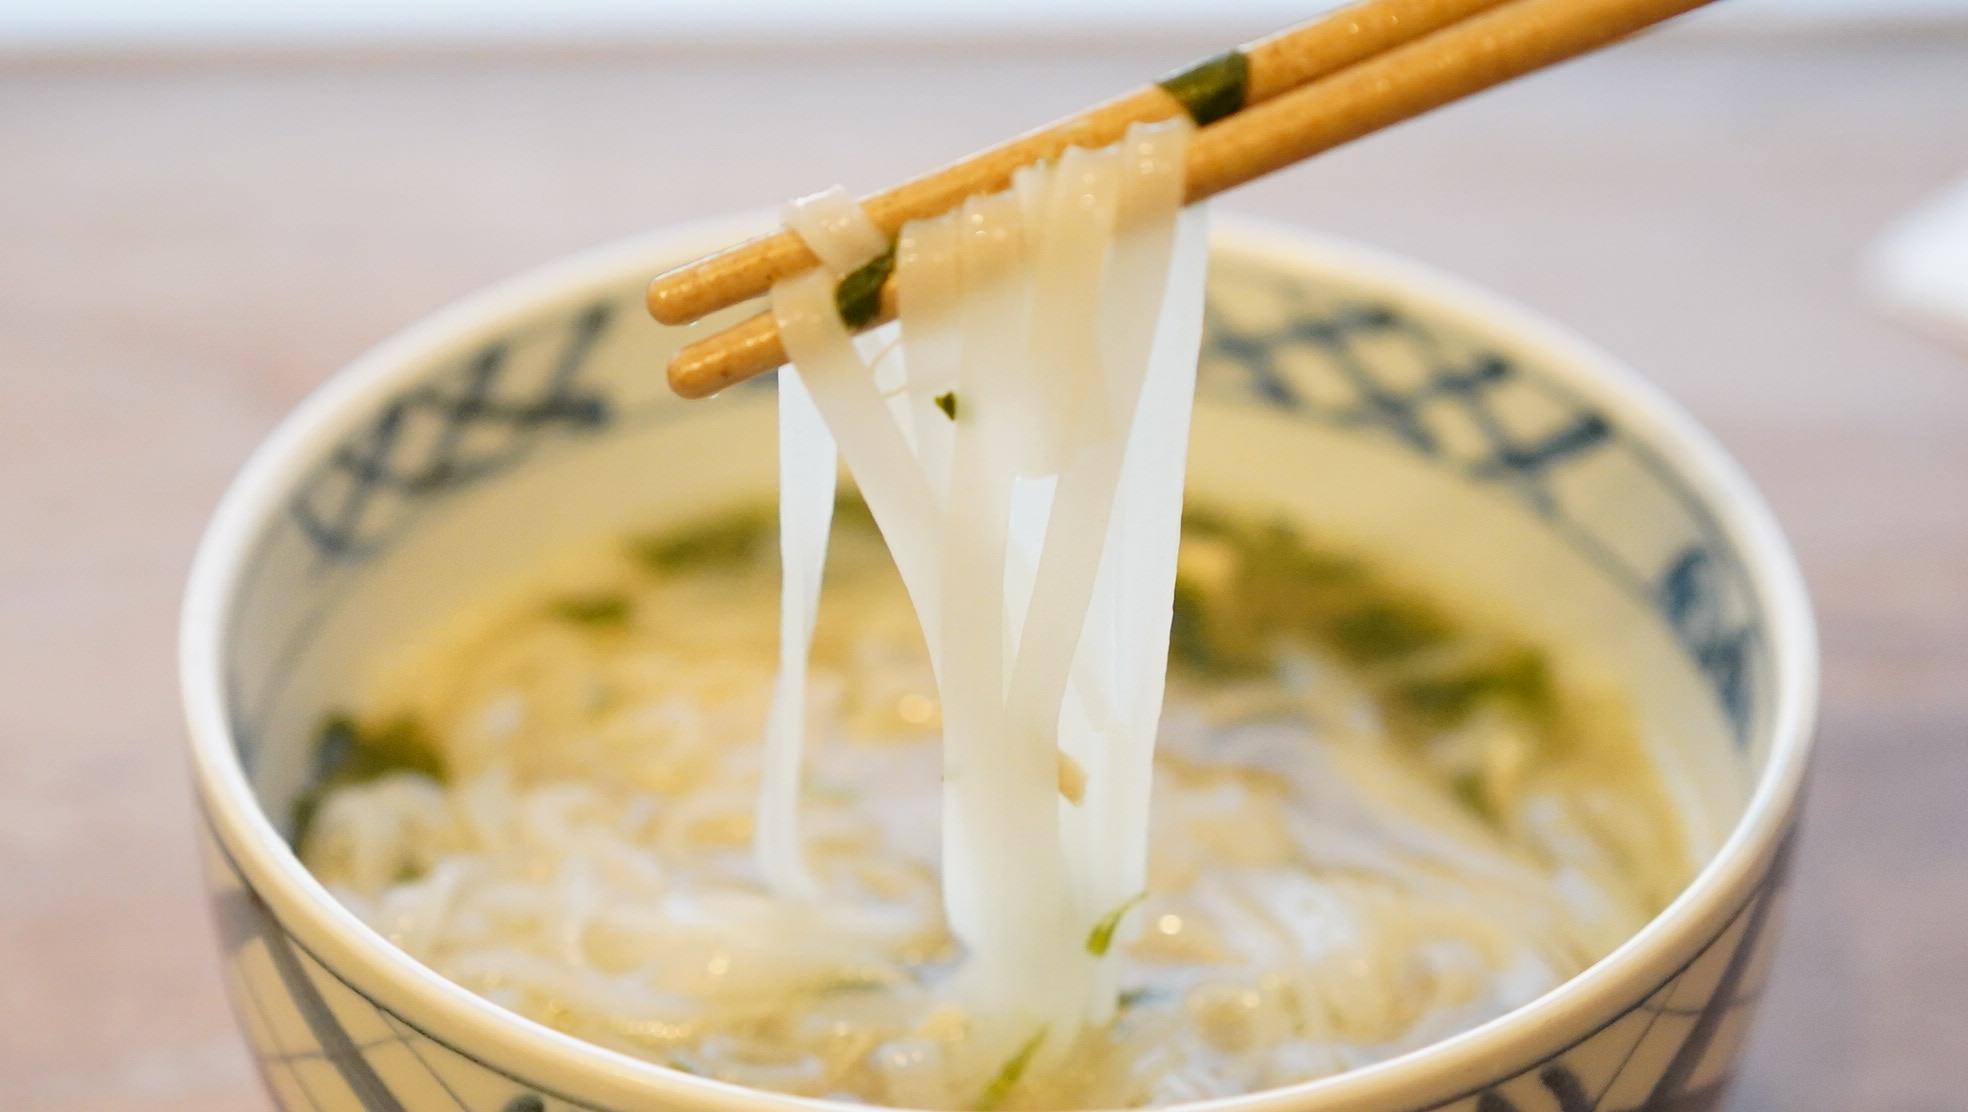 無印良品のおすすめ冷凍食品「チキンのフォー」の写真